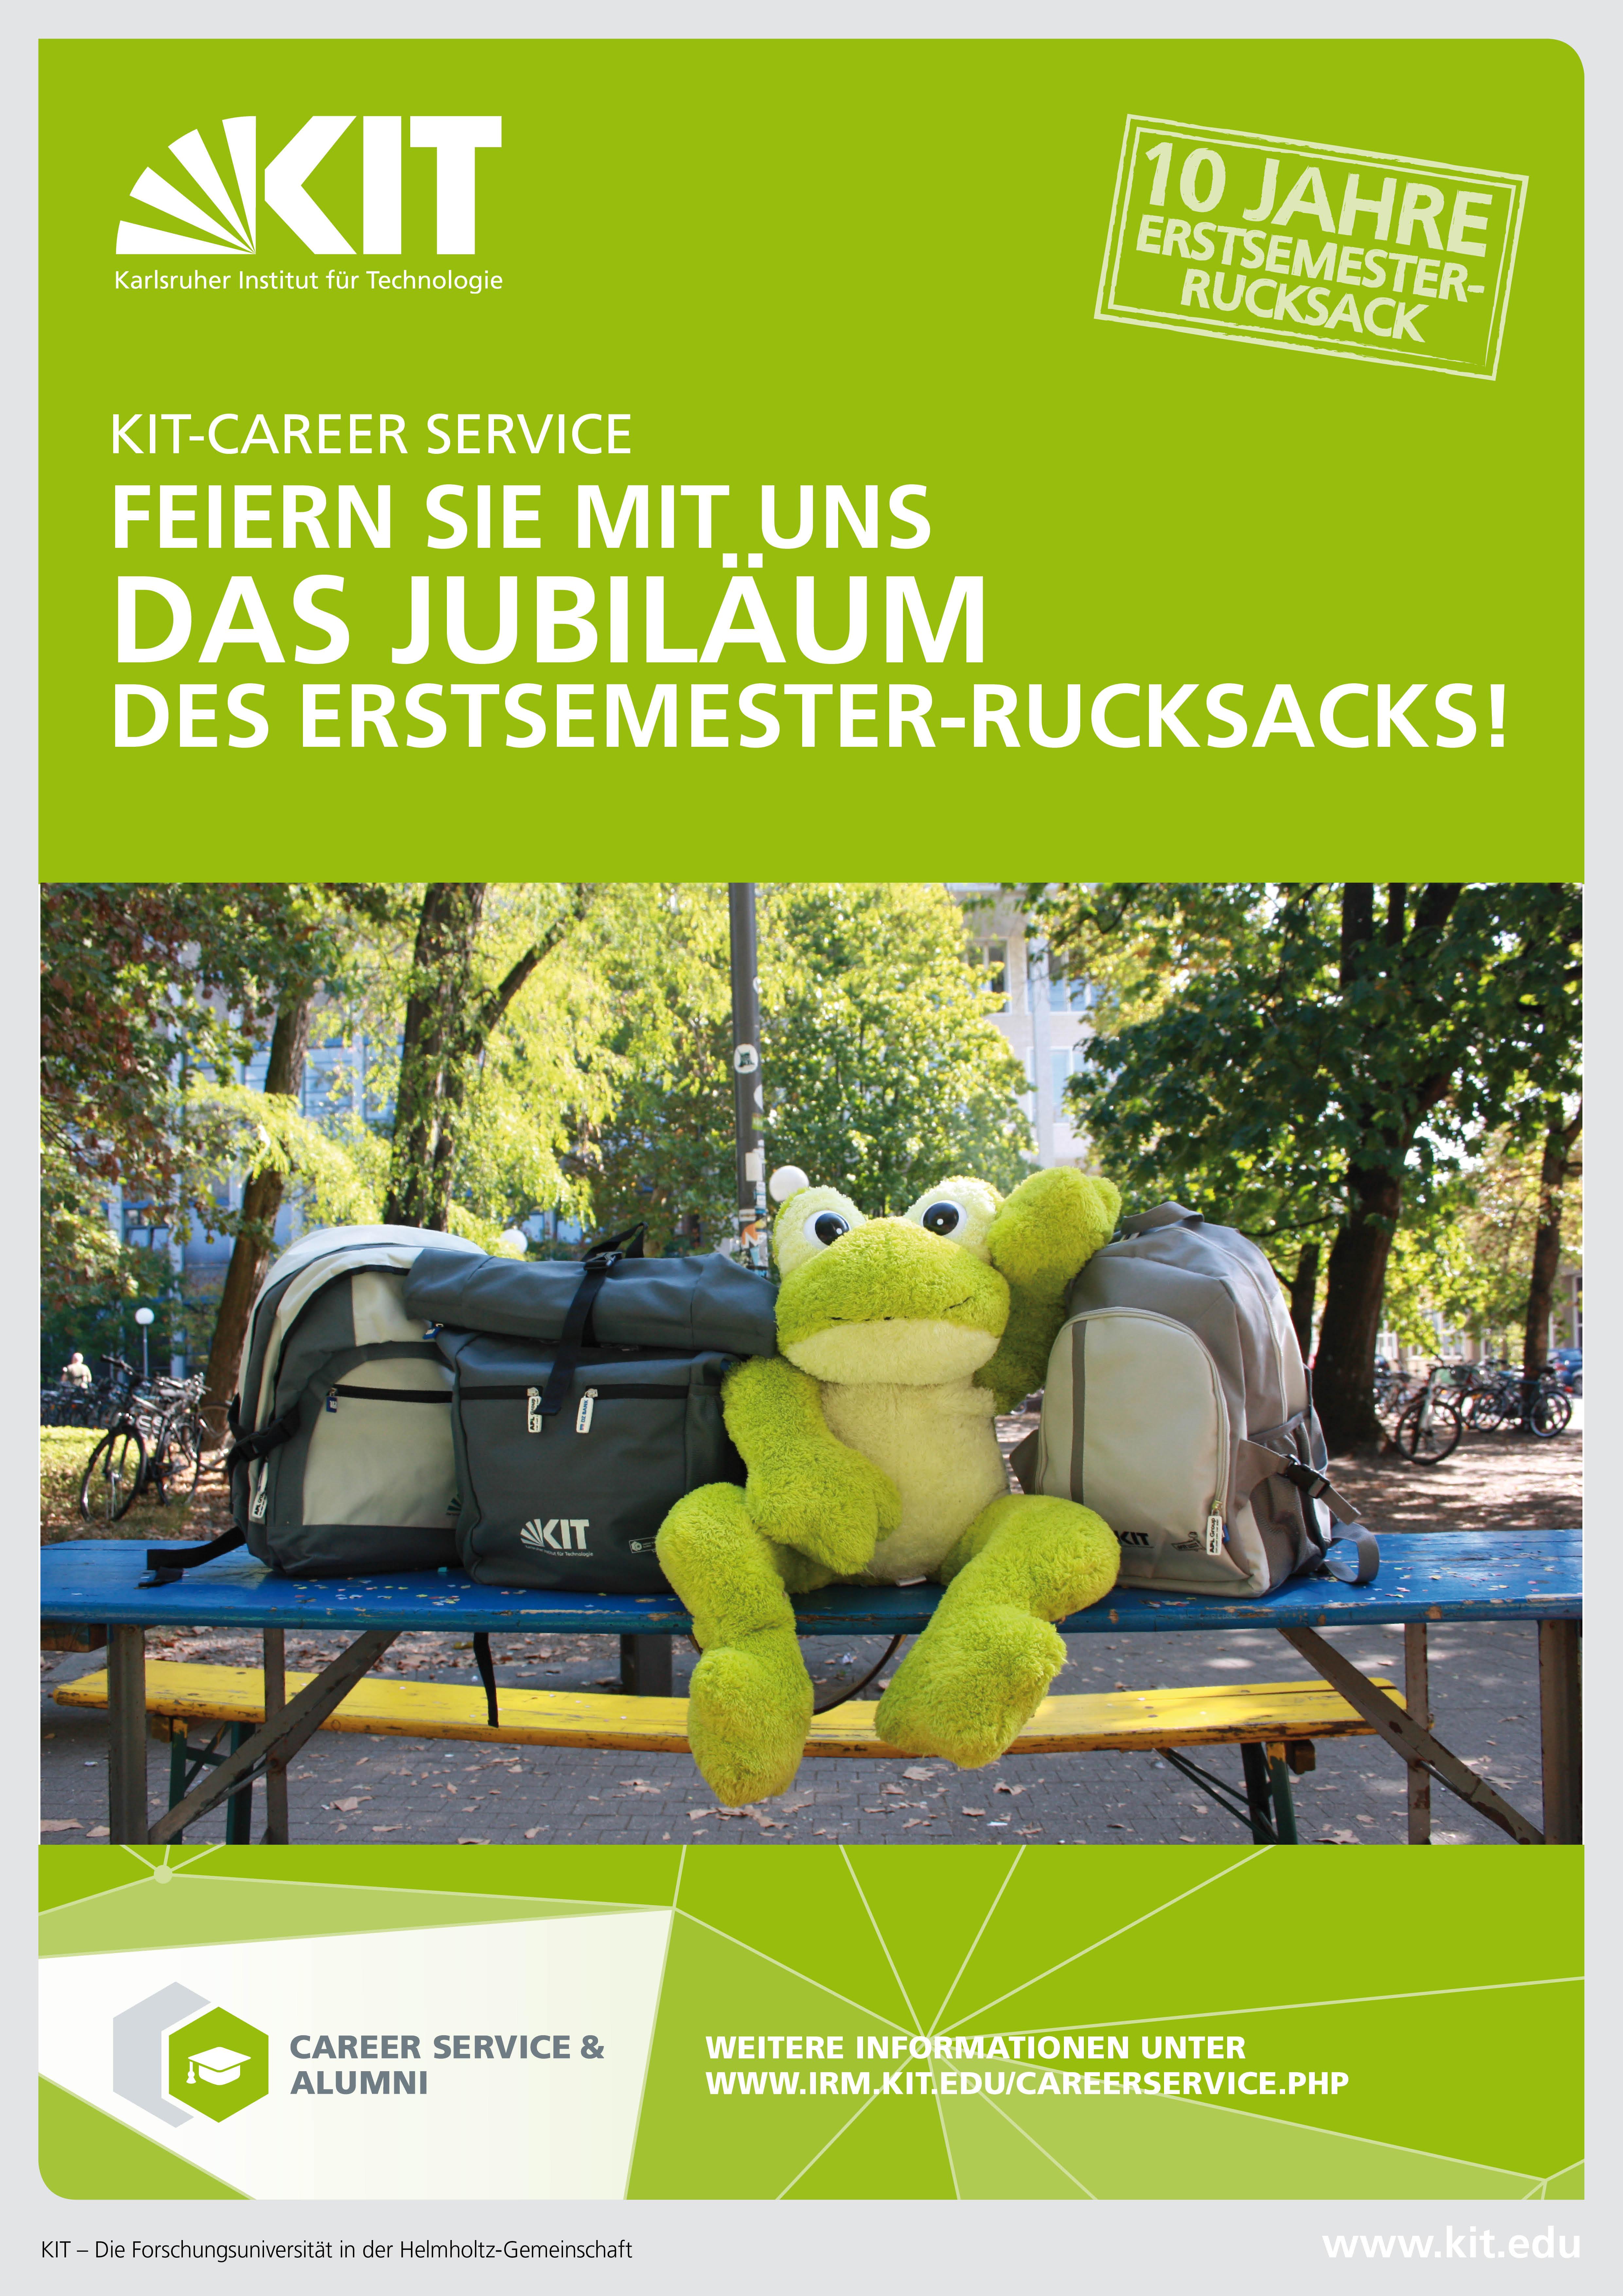 Karlsruhe kit informatik promotional giveaways